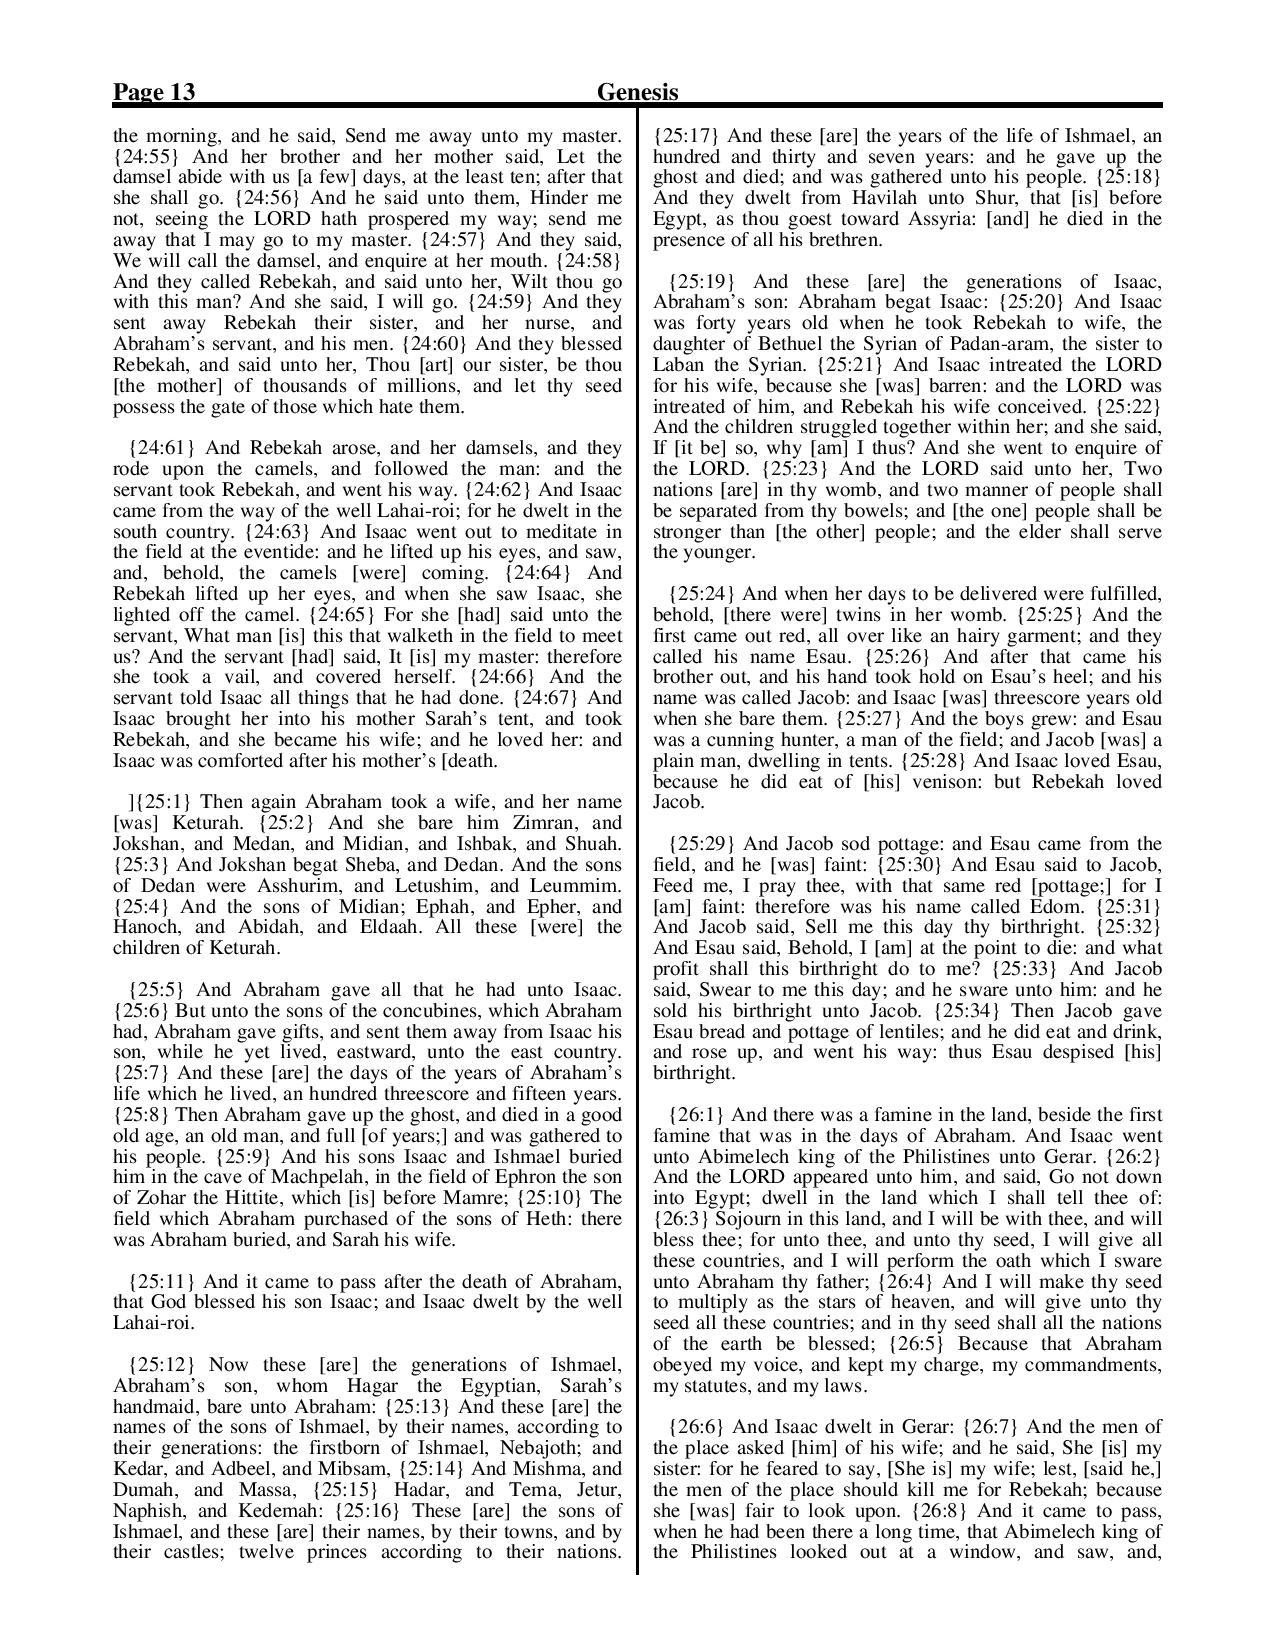 King-James-Bible-KJV-Bible-PDF-page-034